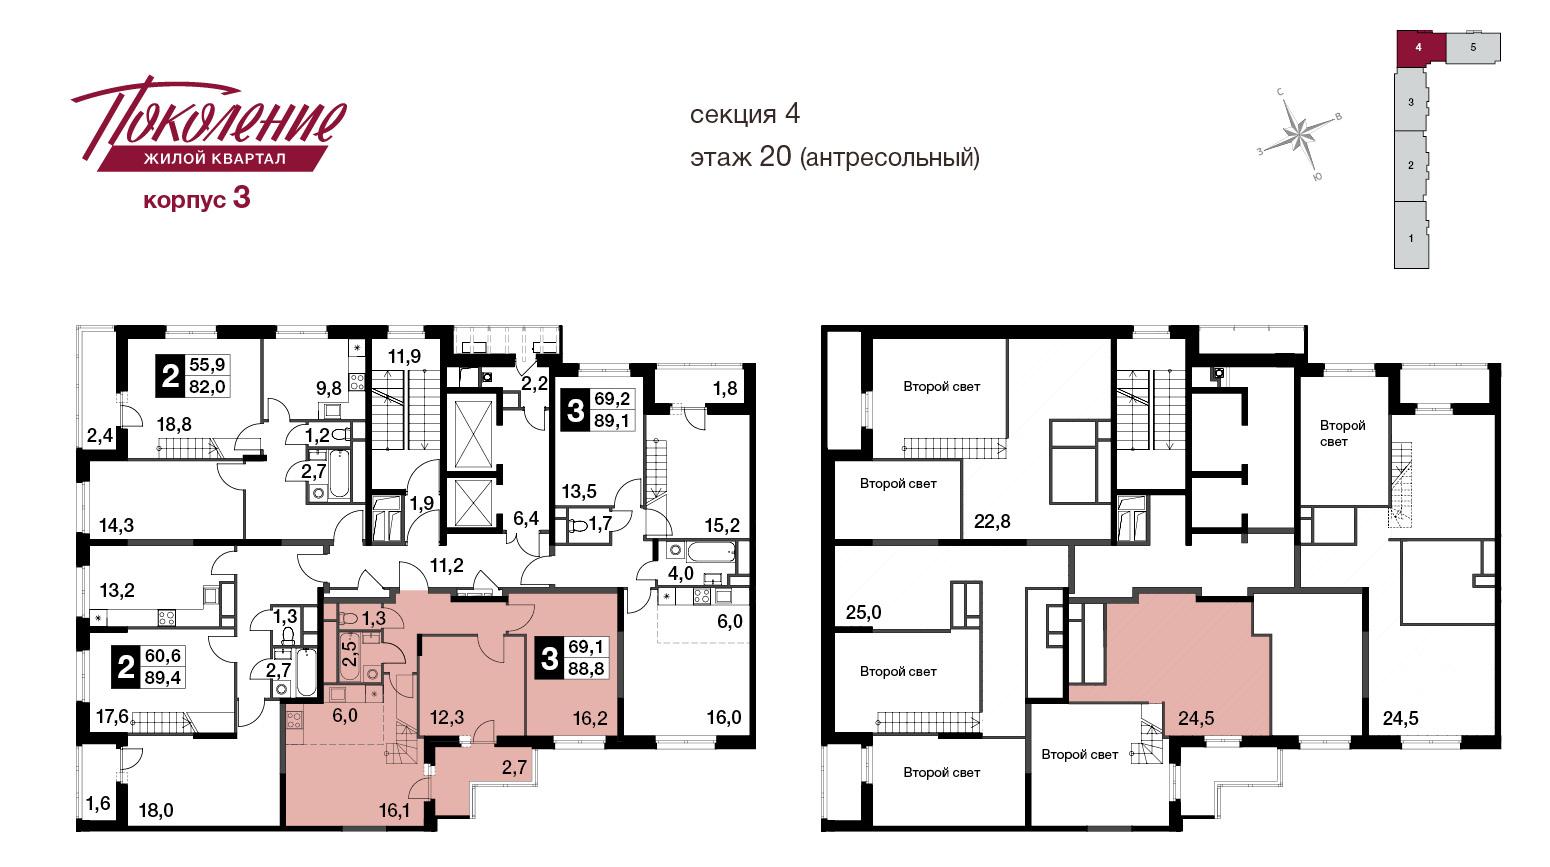 3-комнатная квартира, 88.8м² за 17 млн руб.